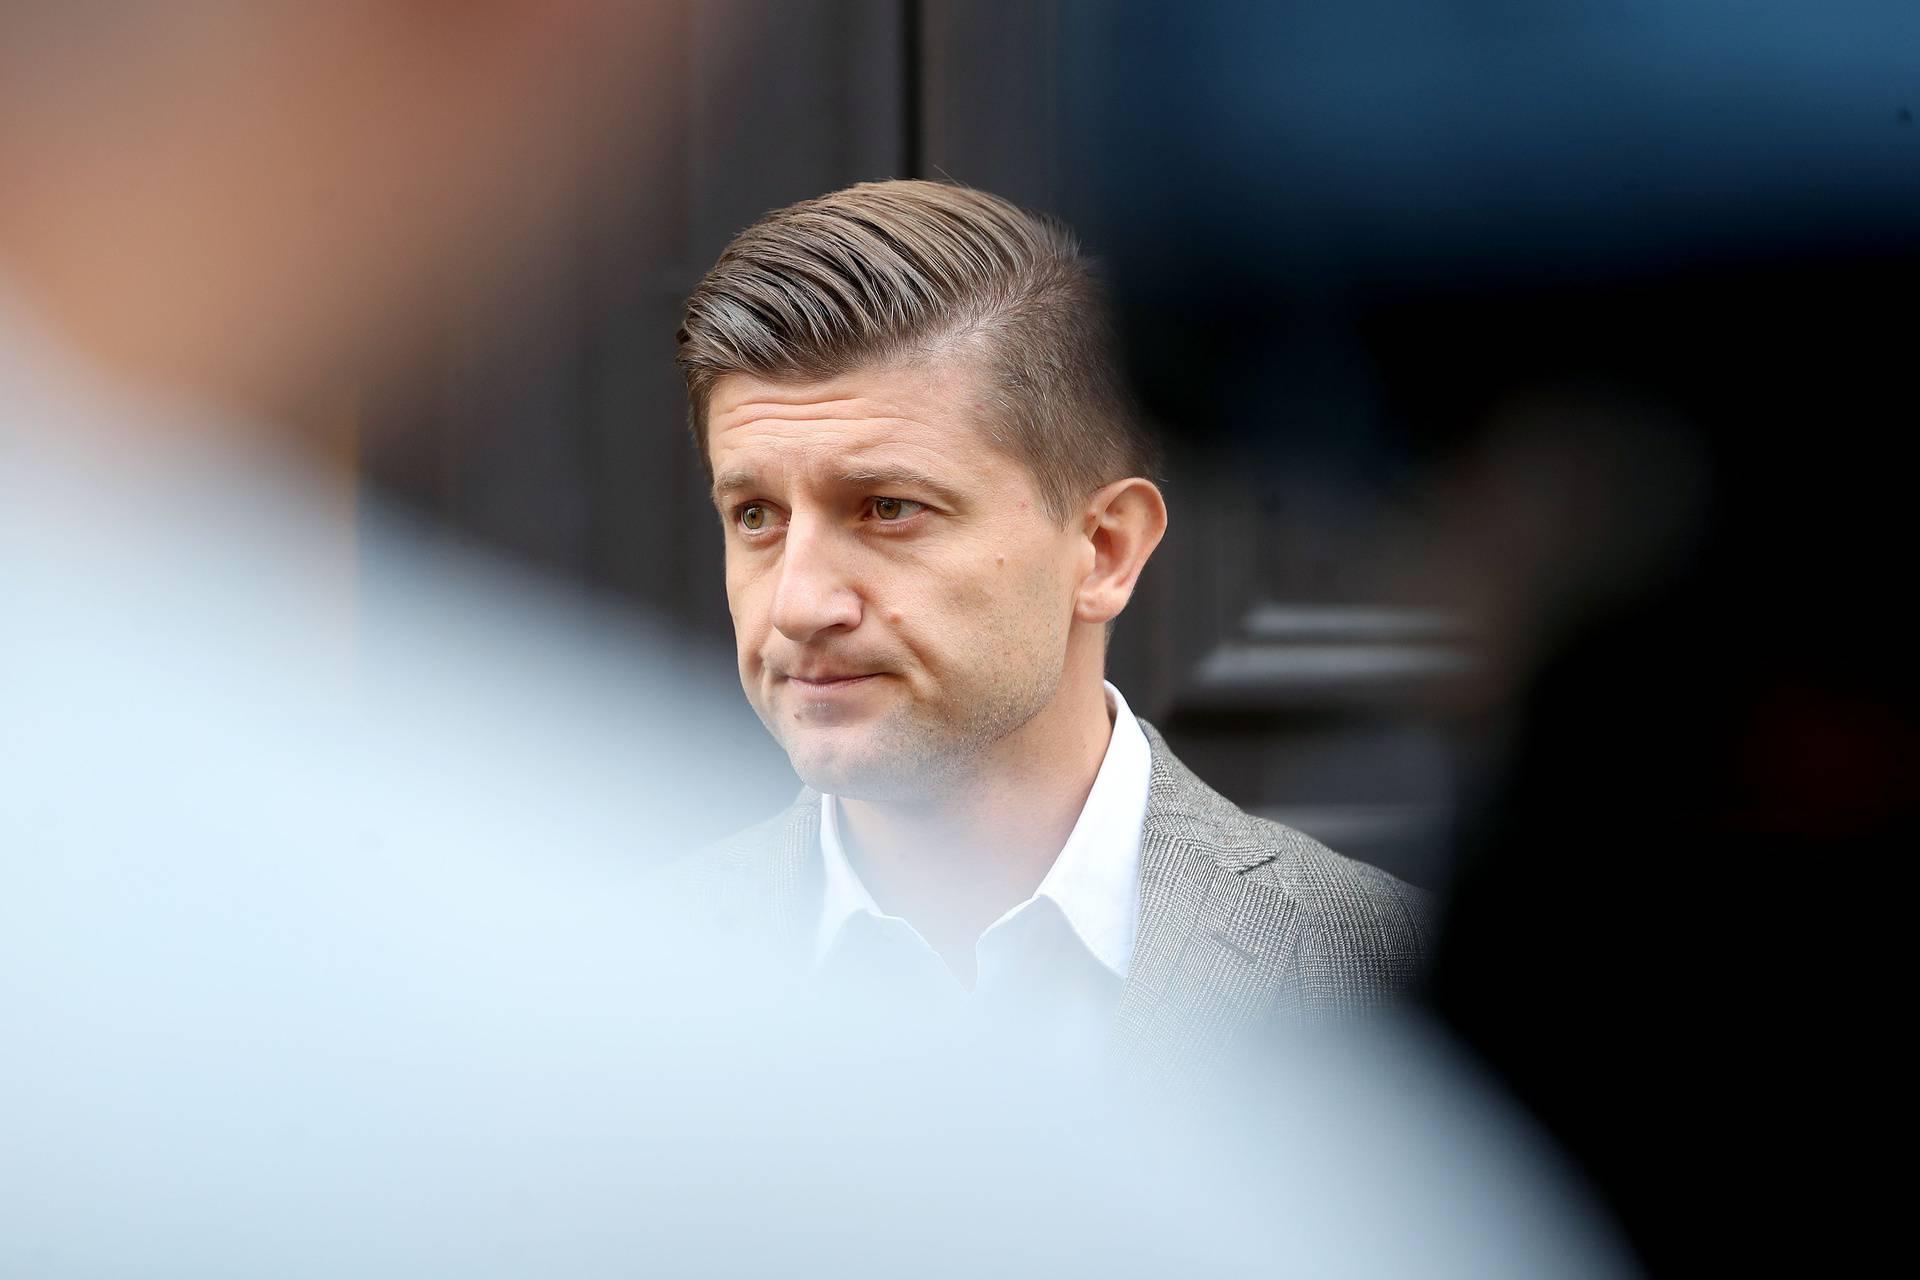 Zagreb: Ministar Marić zadovoljan je zadržavanjem investicijske razine kreditnog rejtinga